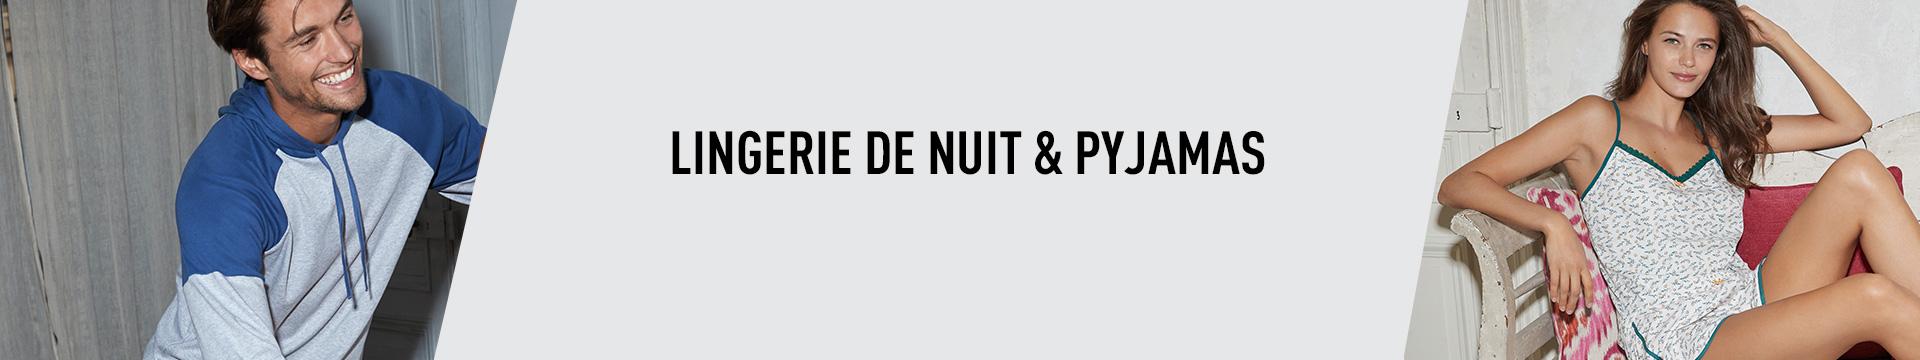 LINGERIE DE NUIT & PYJAMAS